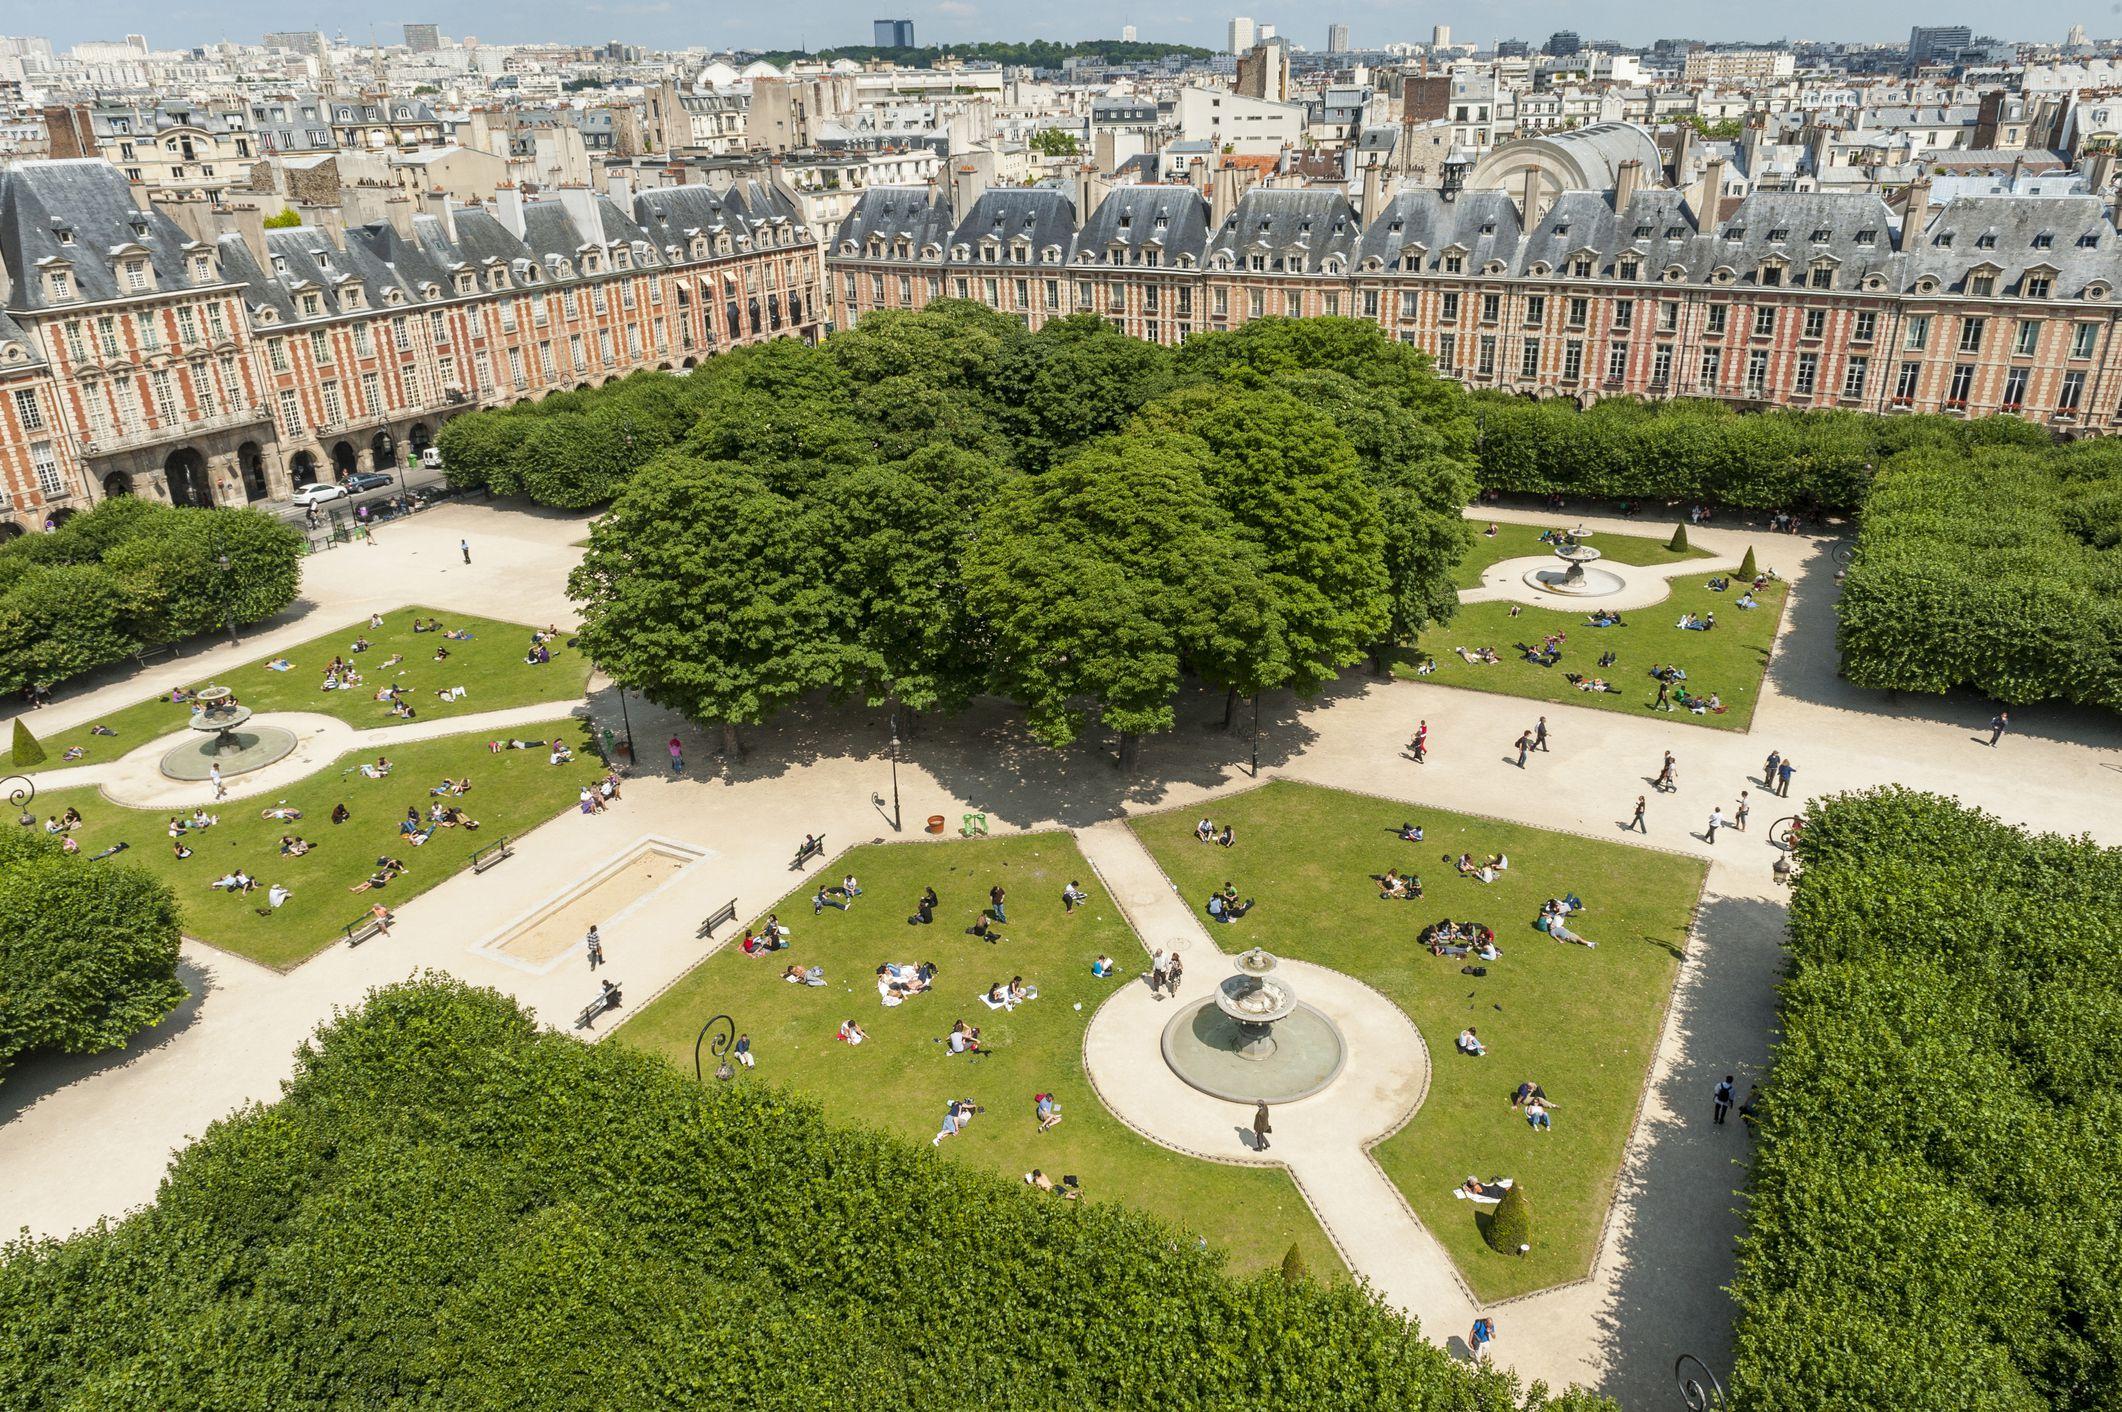 Vista aérea da Place des Vosges